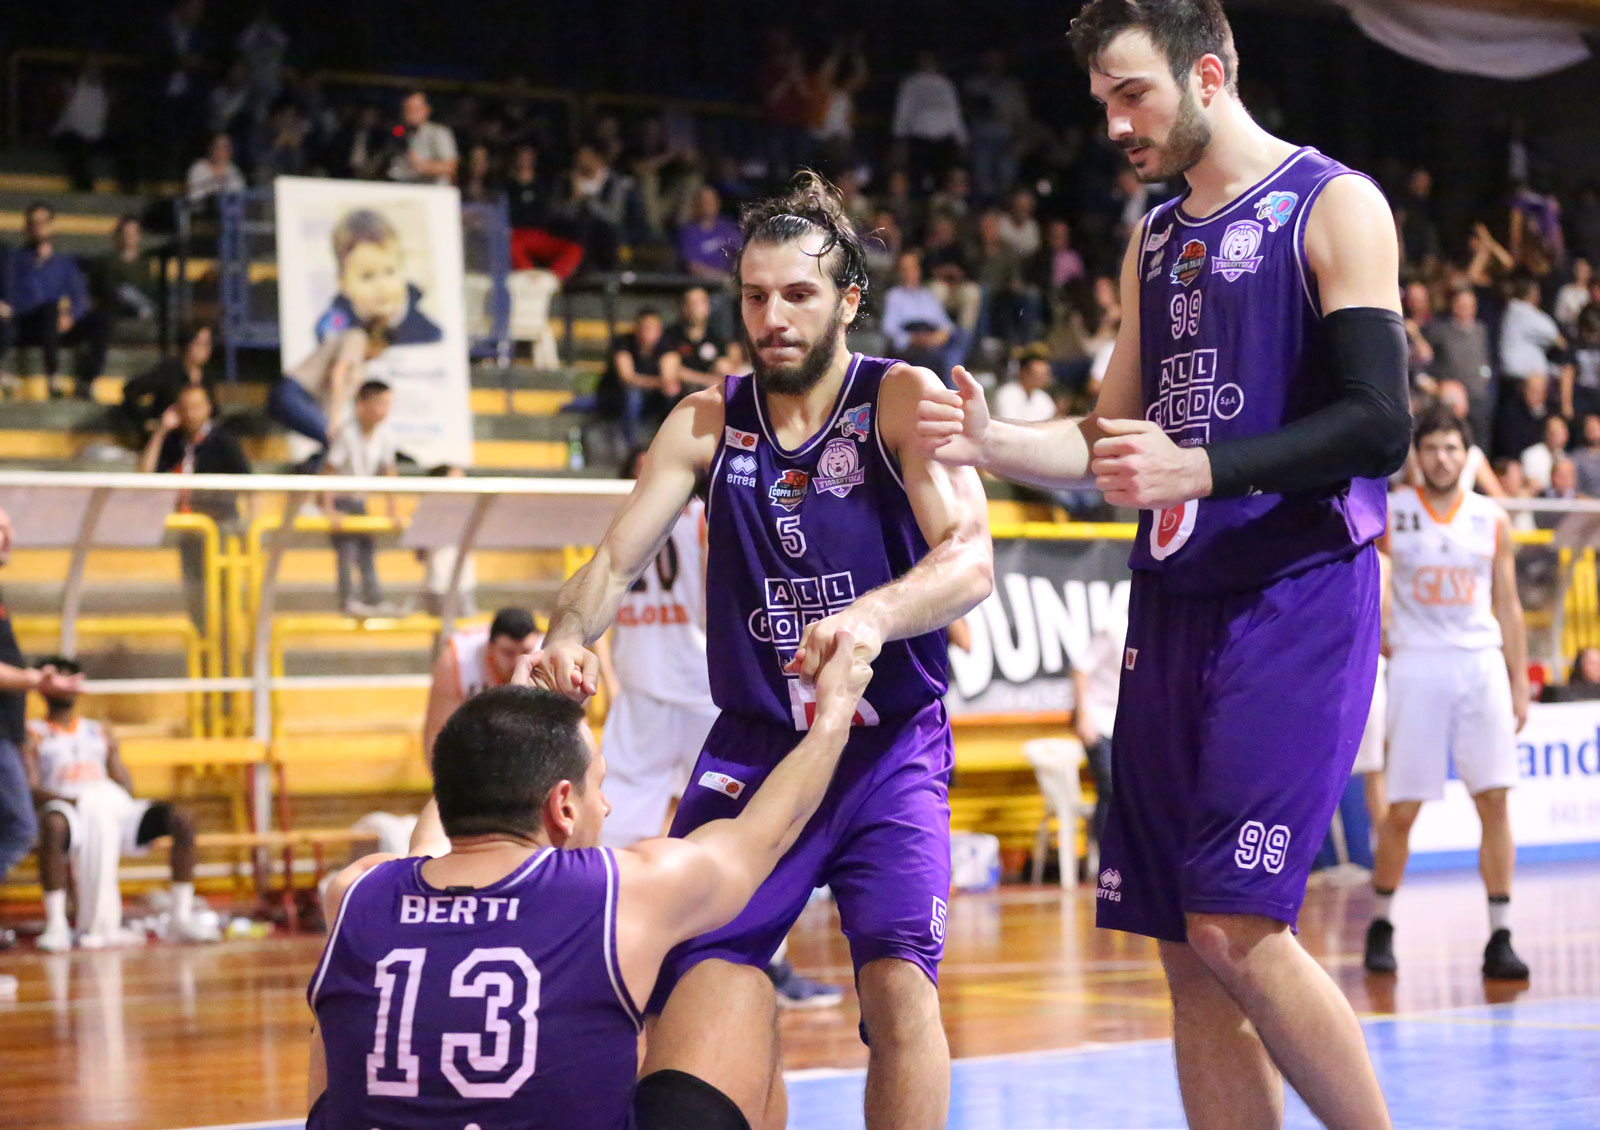 fiorentina_basket2018_playoff